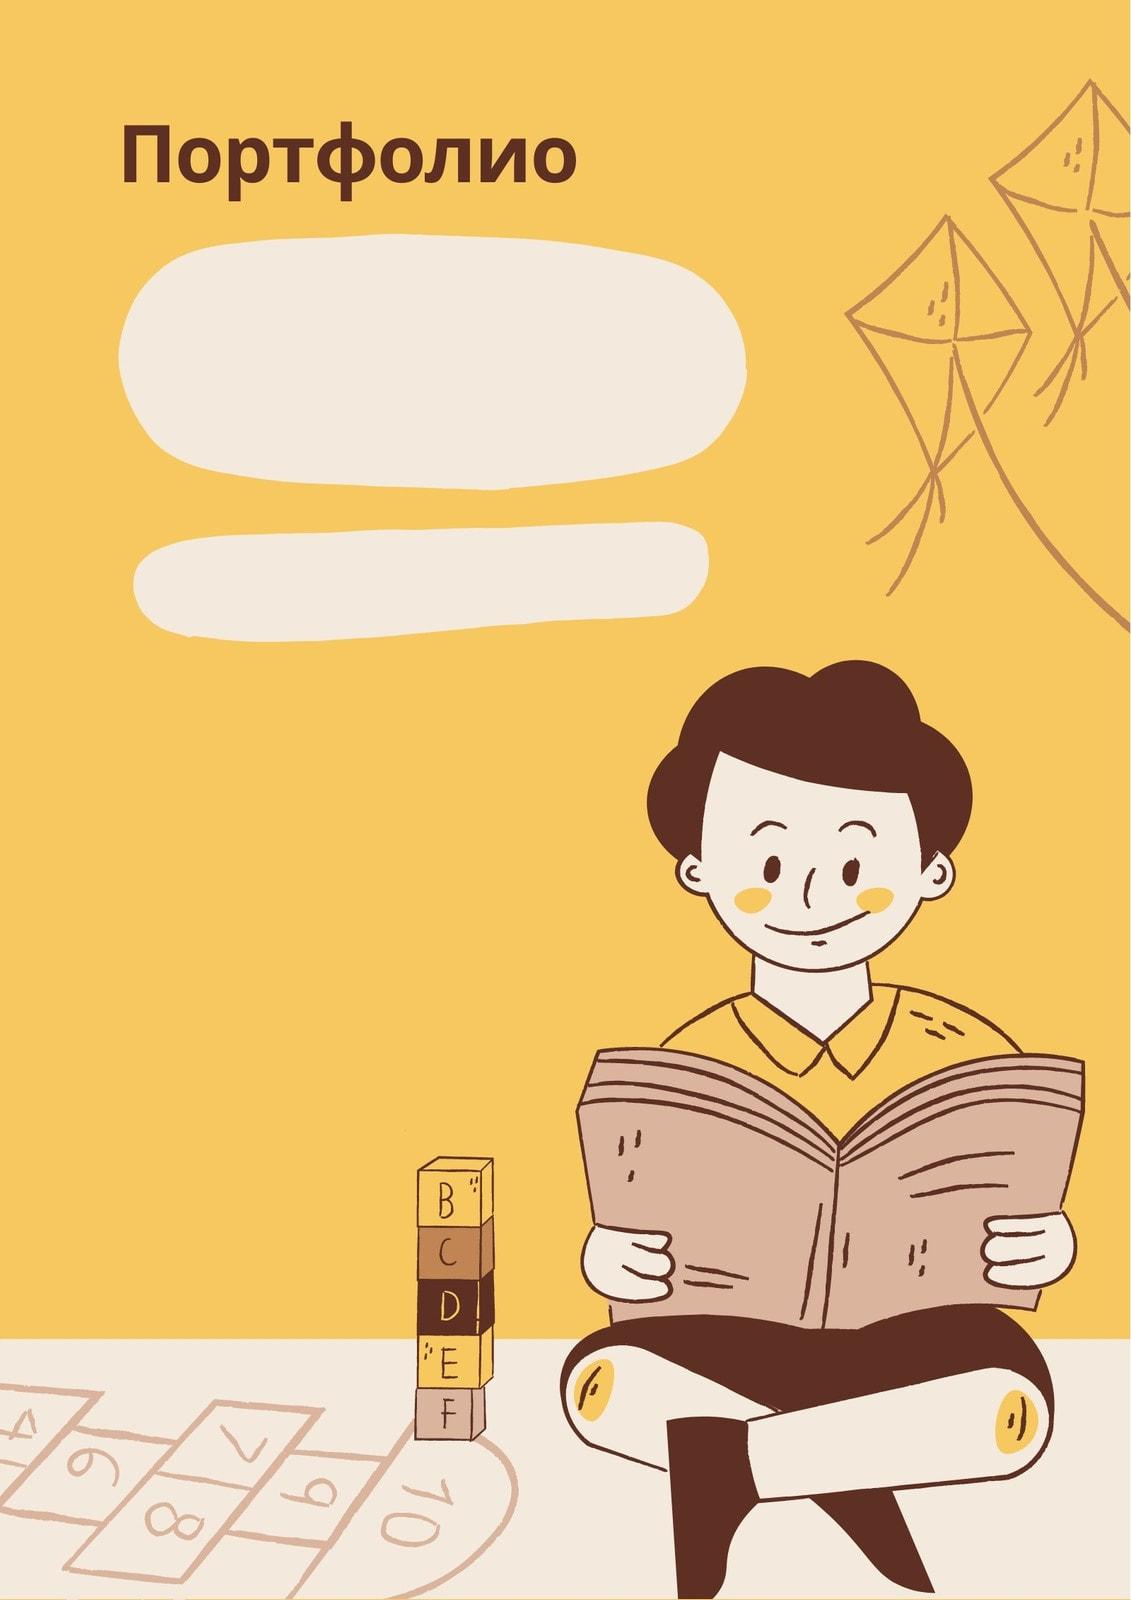 Оранжевое портфолио ученика начальной школы с иллюстрациями детей